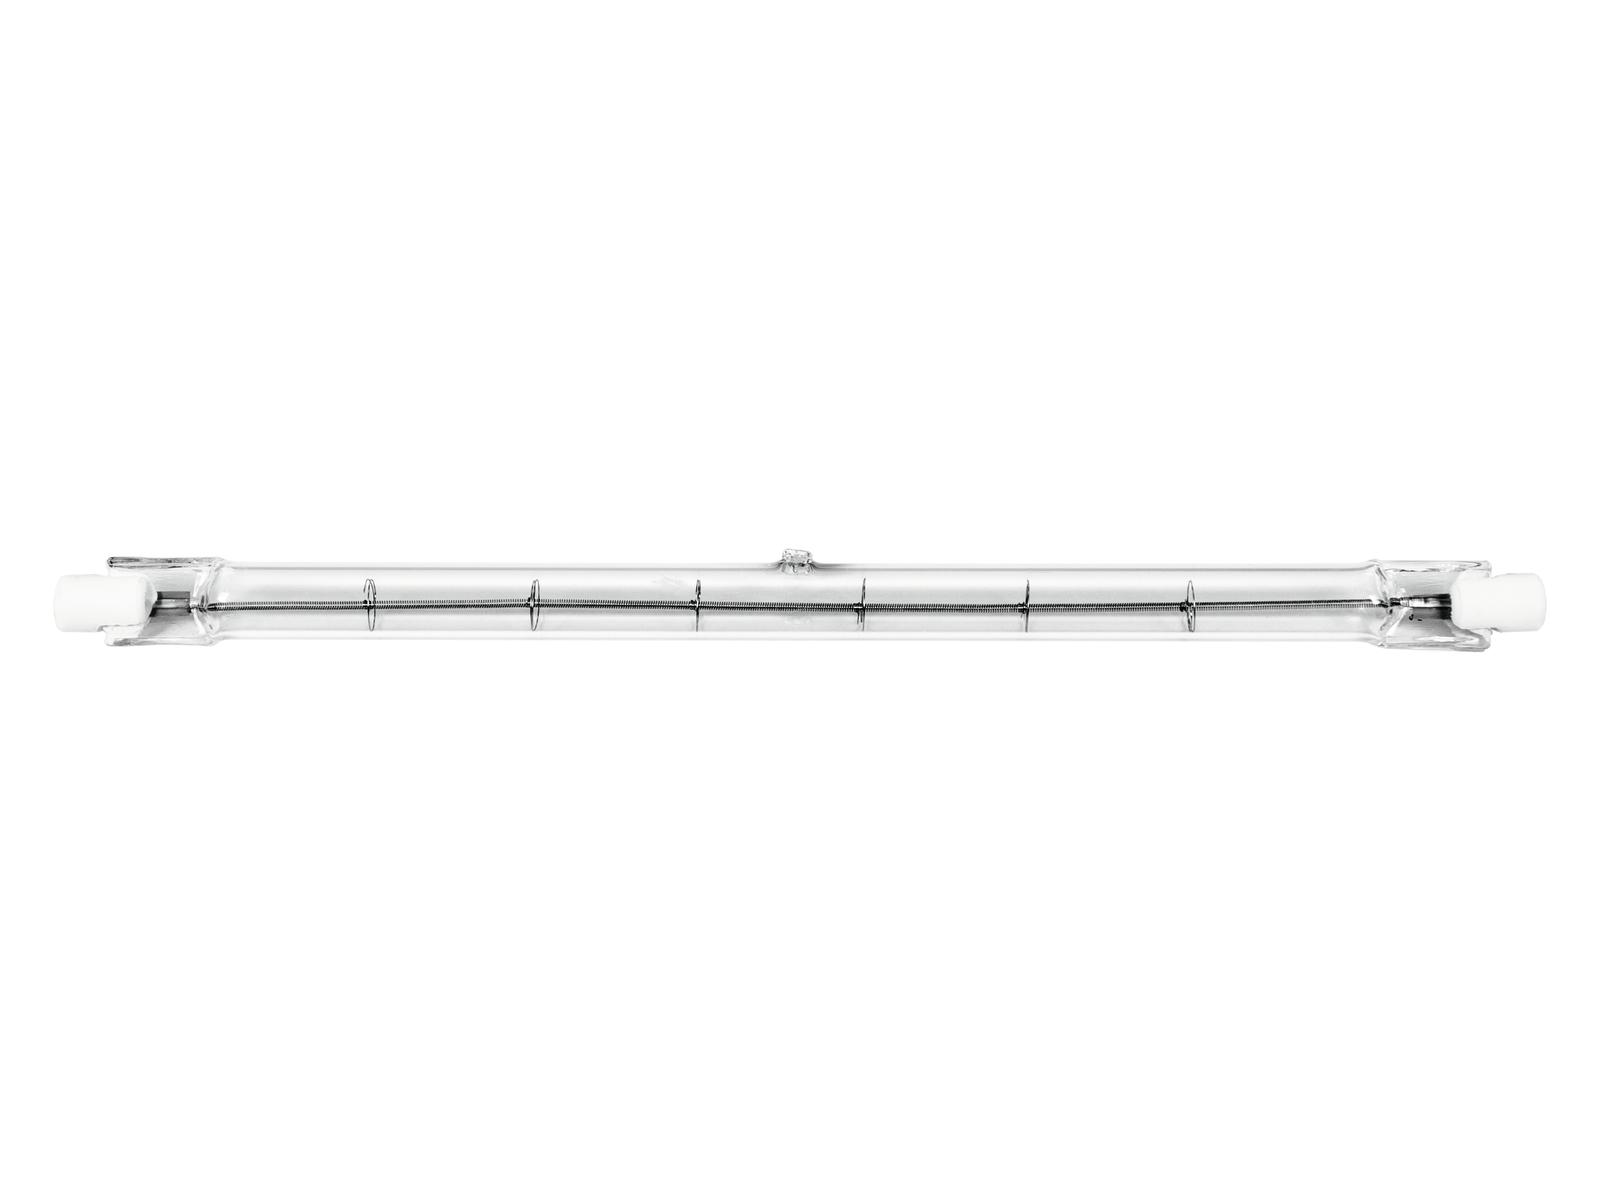 OMNILUX 230V/750W R7s 189mm bruciatori